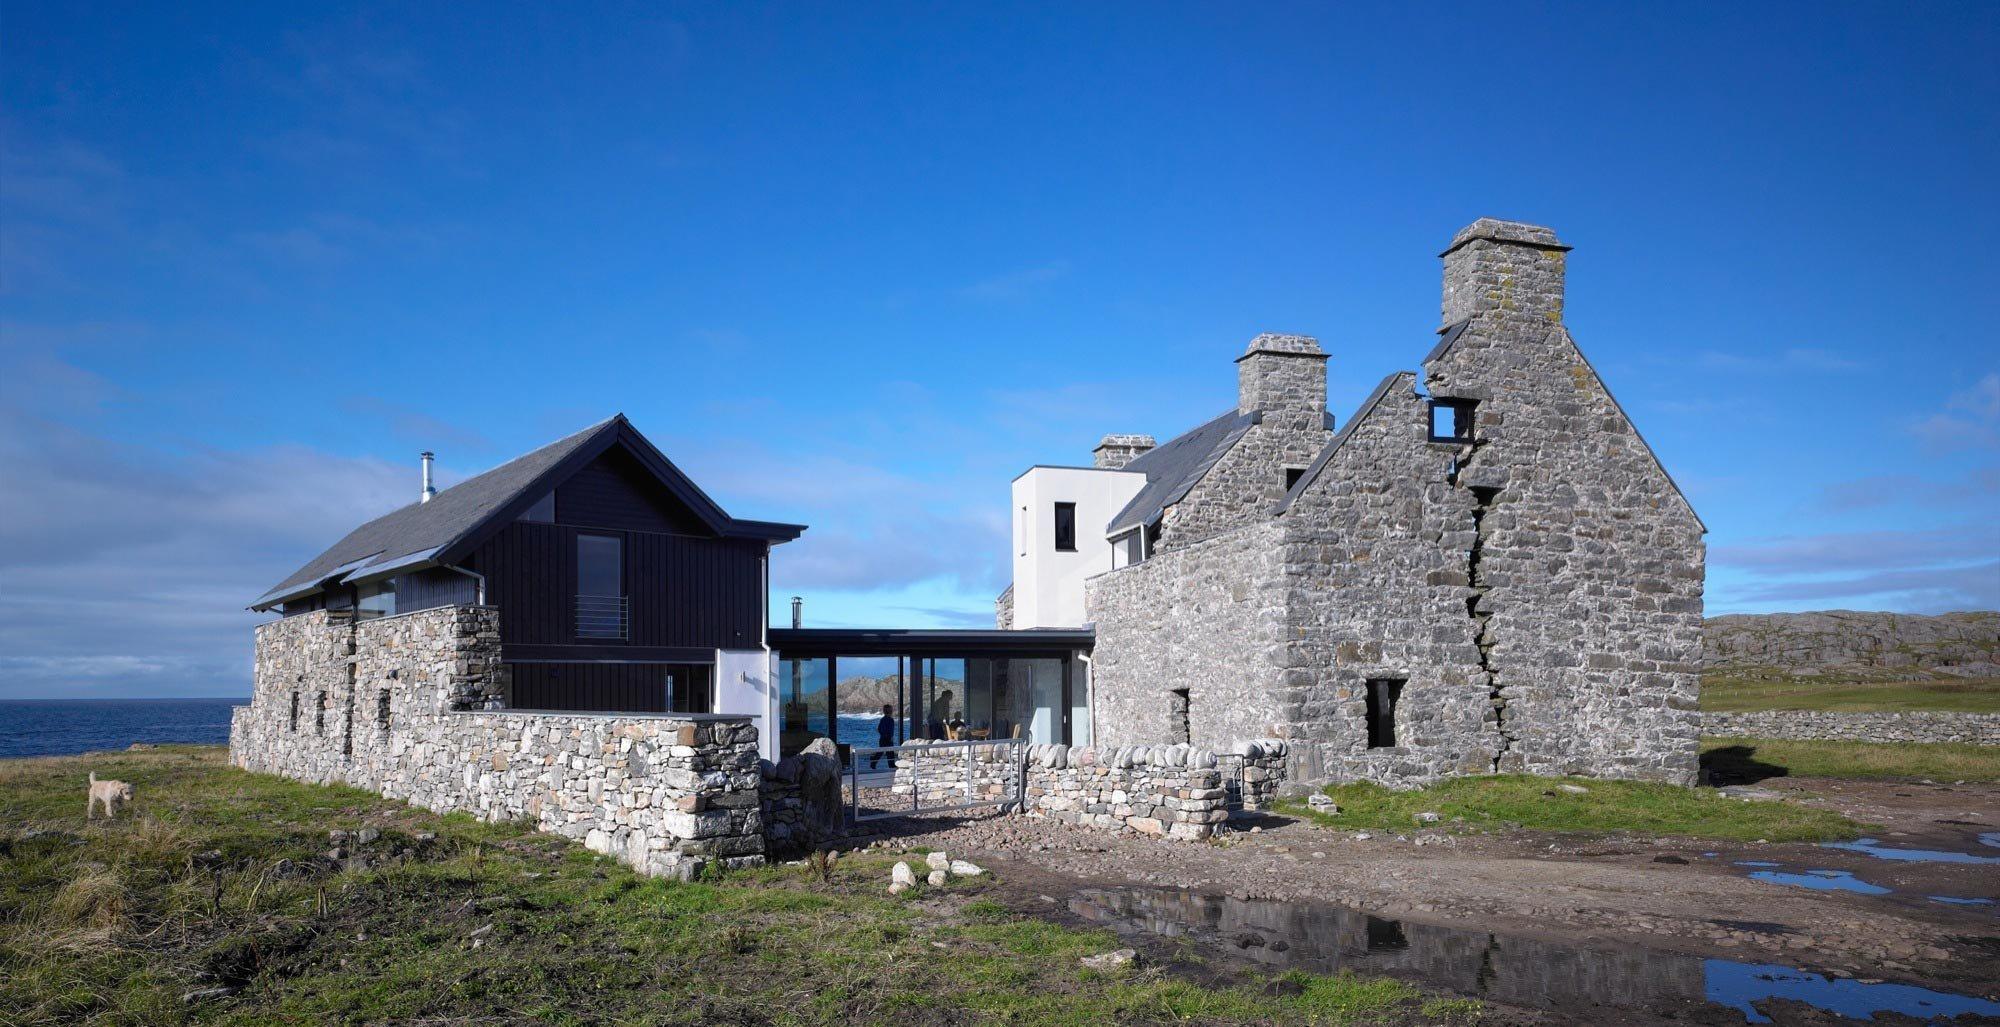 """Původní dům v Grishipolu na ostrově Hebridean Coll byl postaven v roce 1700 Macleanem Collem. Jednalo se o první vápencově postavený dům na ostrově. Díky tomu získal neformální název """"Bílý dům"""", jelikož se odlišoval od typických černých domů, které byly na ostrově považovány za běžné. Majitelé dům opustili v polovině 18. století, bylo to v době, kdy se tento dům, postavený na písku, začal rozpadat. Naštěstí se ho po mnoha letech ujali architekti, kteří z ruiny udělali dokonalé bydlení."""